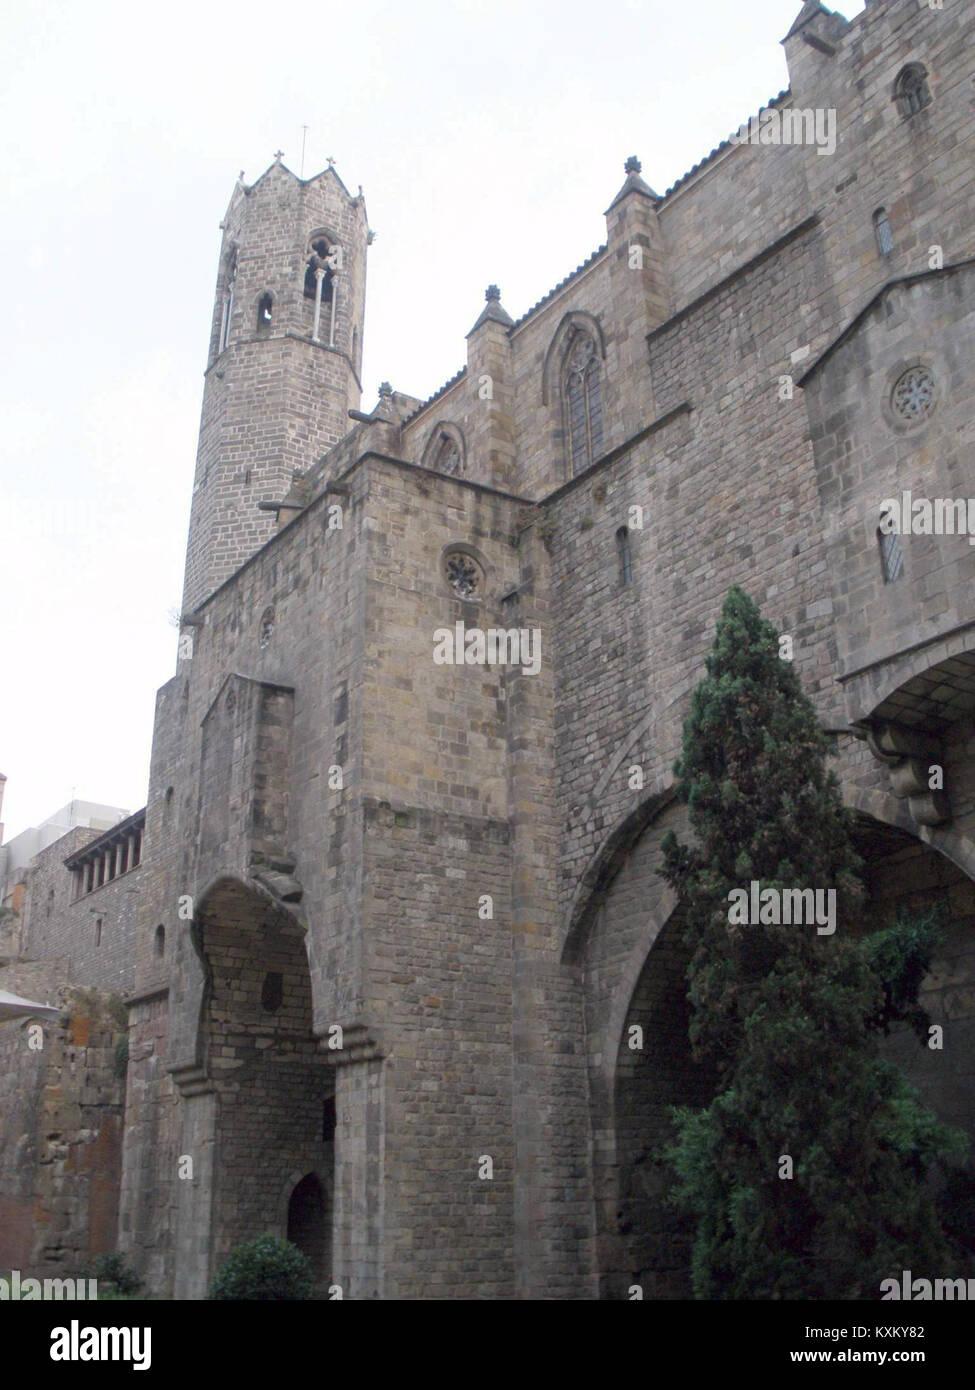 Barcelona - Palau Reial Major, Capella de Santa Àgata 01 - Stock Image